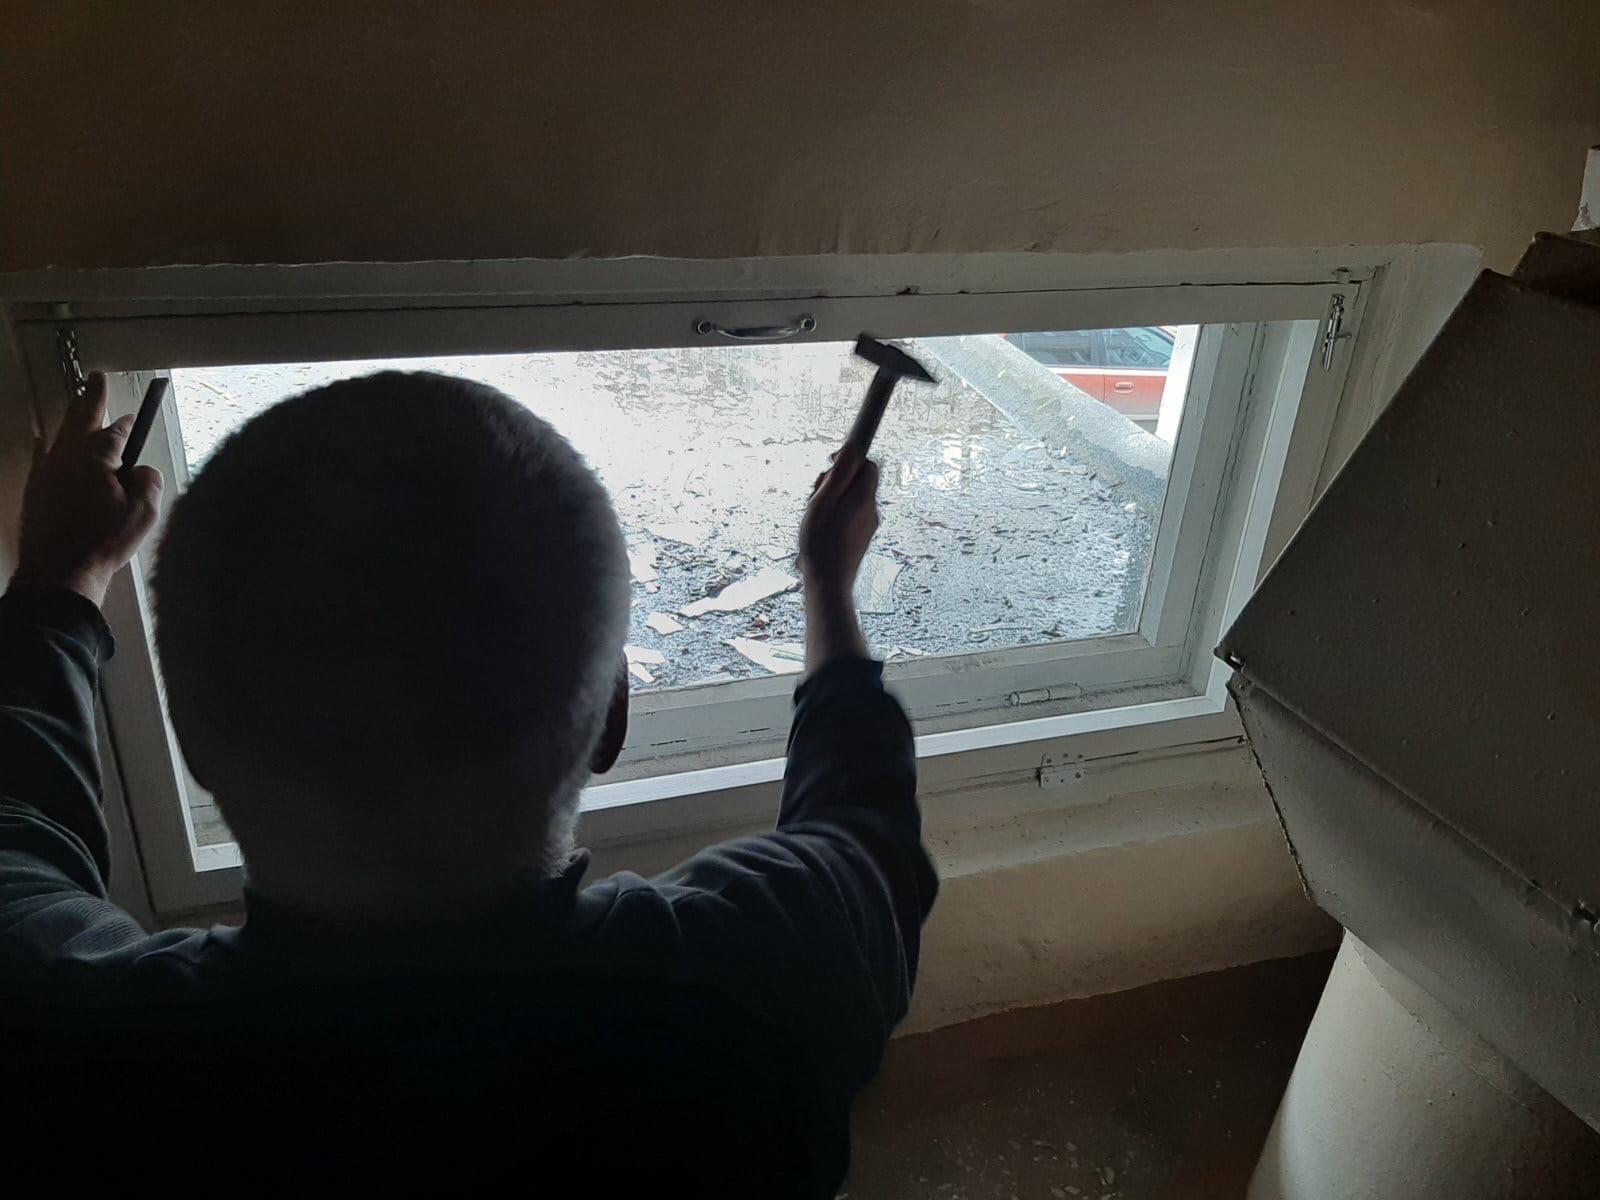 Улица Московская дом 173 замена разбитого стекла